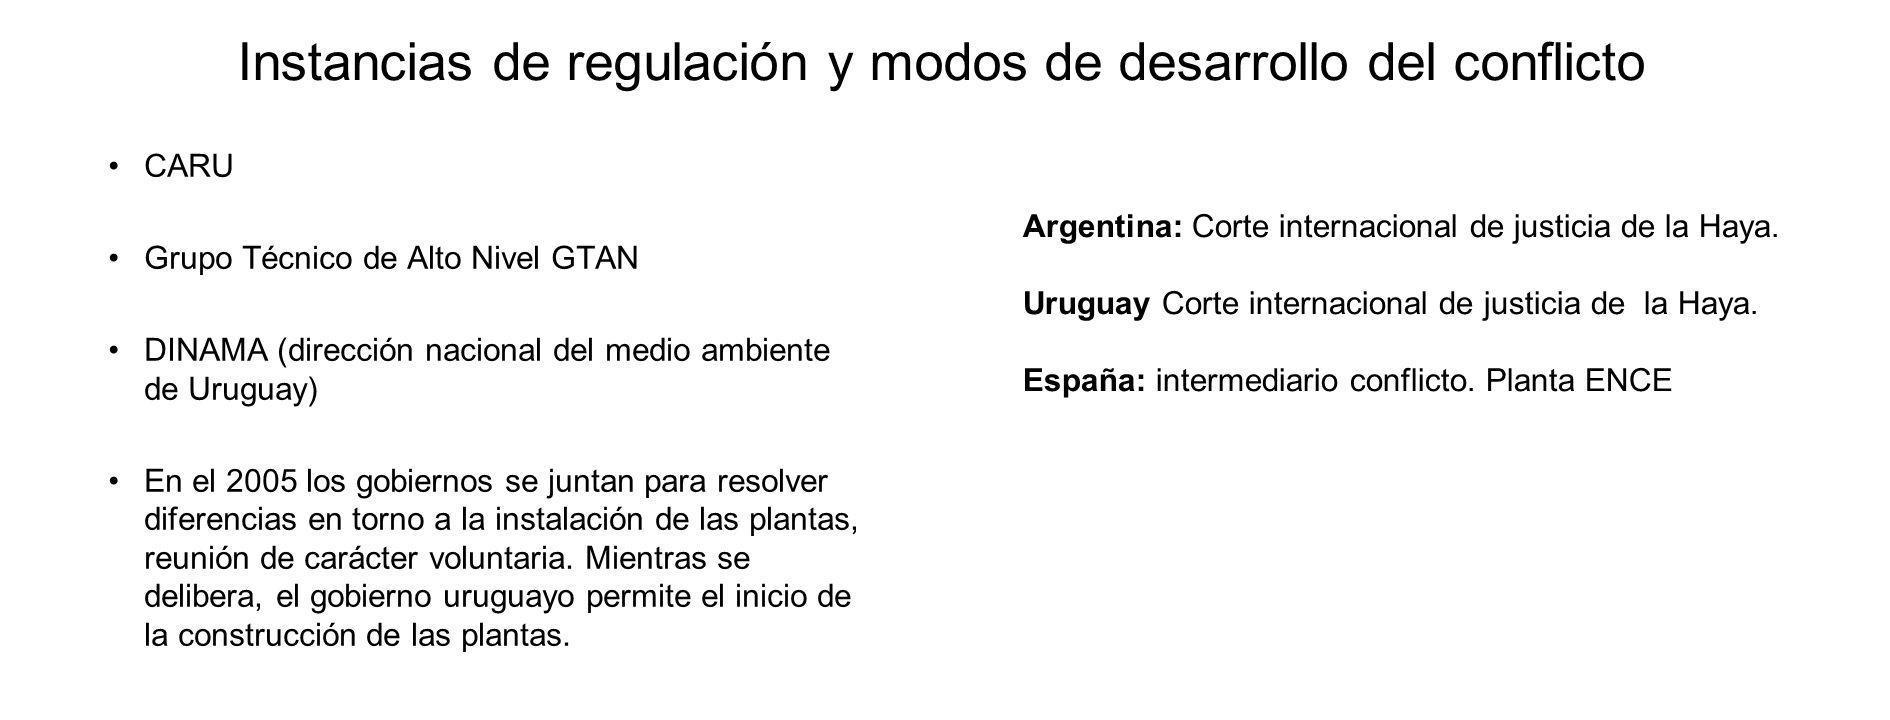 Instancias de regulación y modos de desarrollo del conflicto CARU Grupo Técnico de Alto Nivel GTAN DINAMA (dirección nacional del medio ambiente de Uruguay) En el 2005 los gobiernos se juntan para resolver diferencias en torno a la instalación de las plantas, reunión de carácter voluntaria.